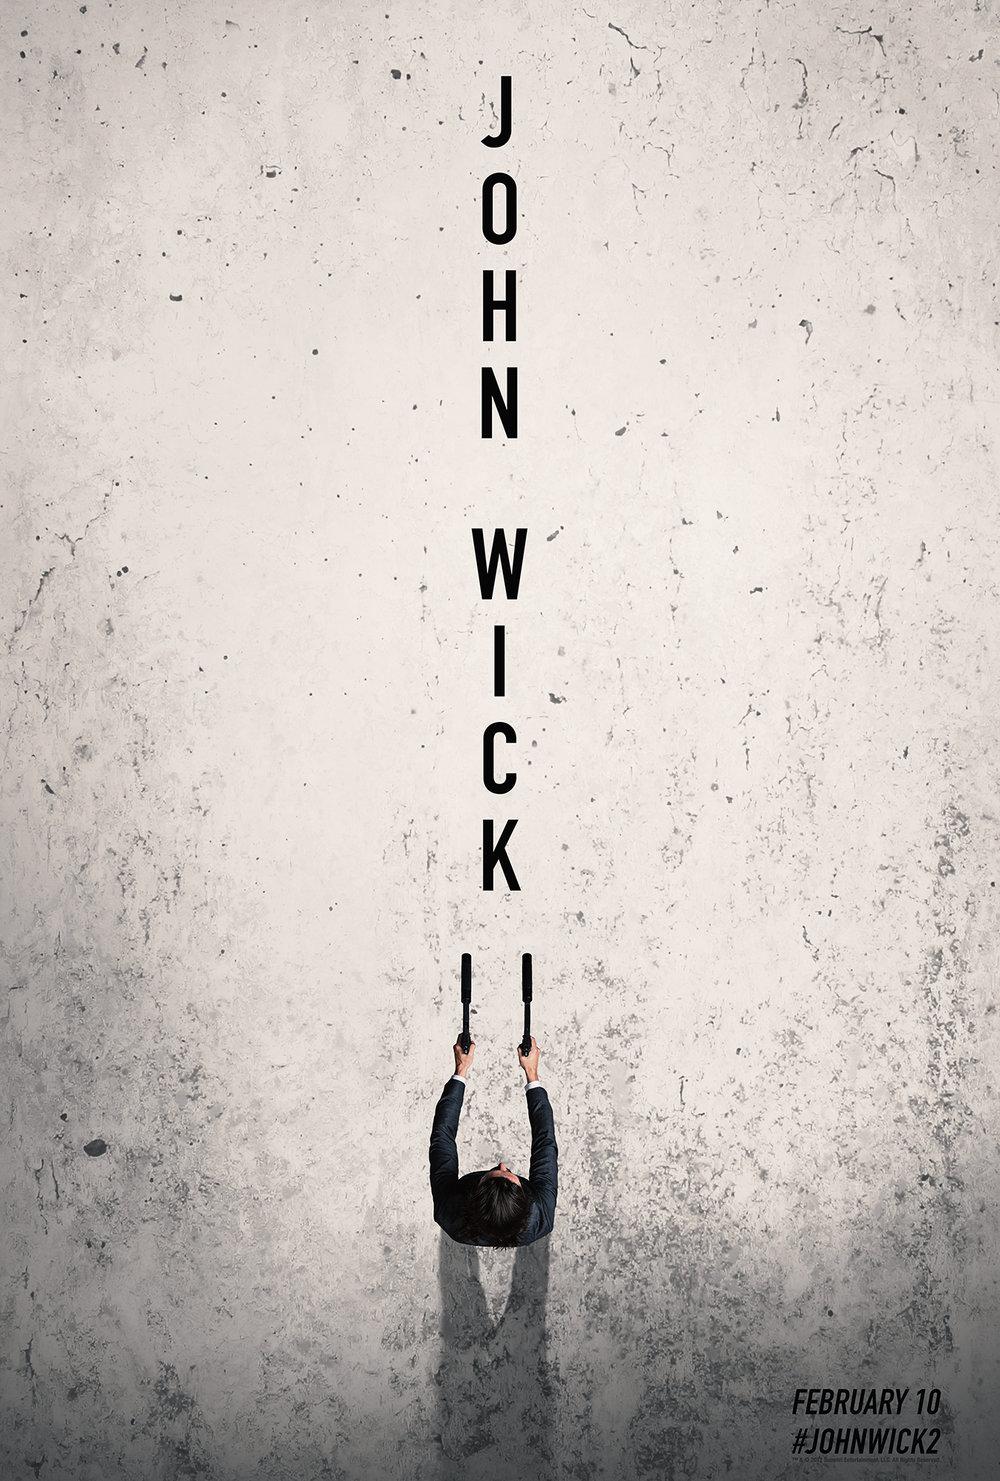 JohnWick2_1Sht_Online_DblBarrel_100dpi.jpg